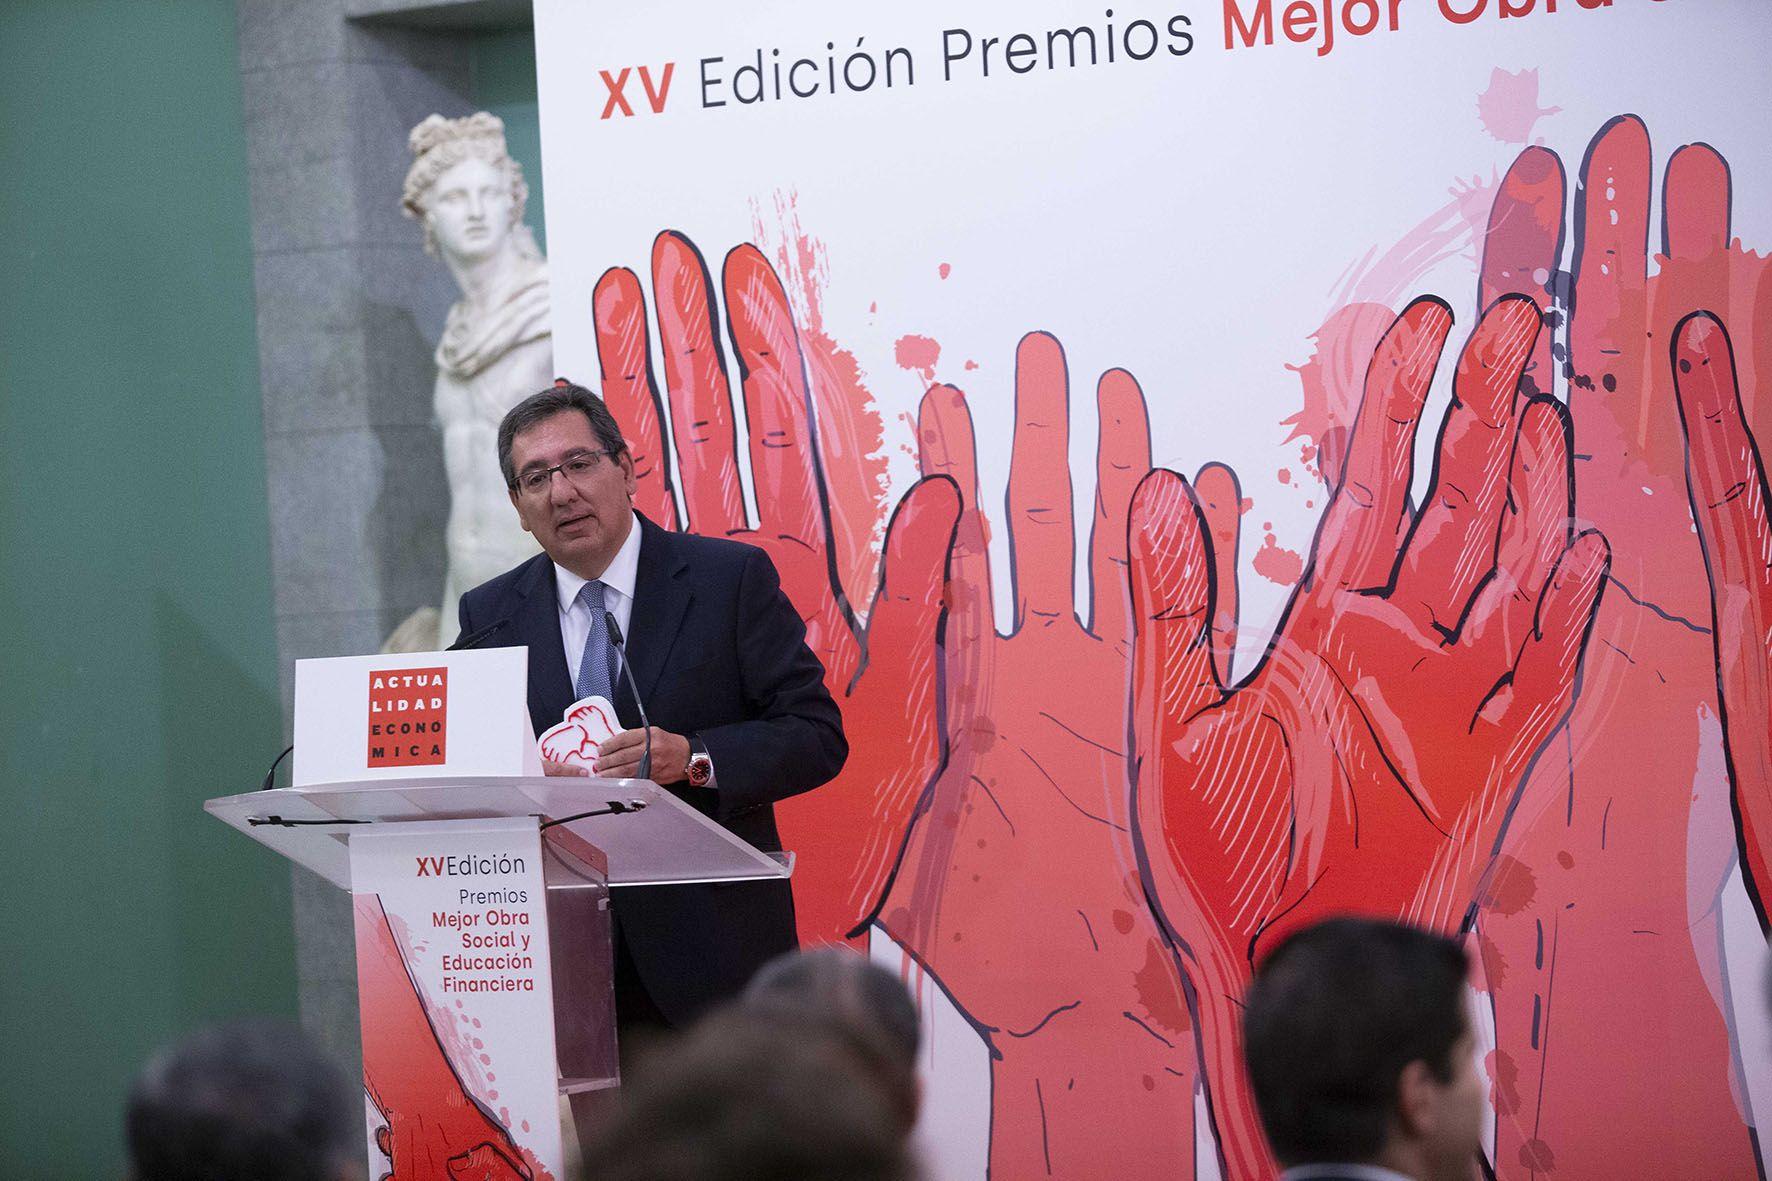 Antonio Pulido recoge el premio de Educación Financiera